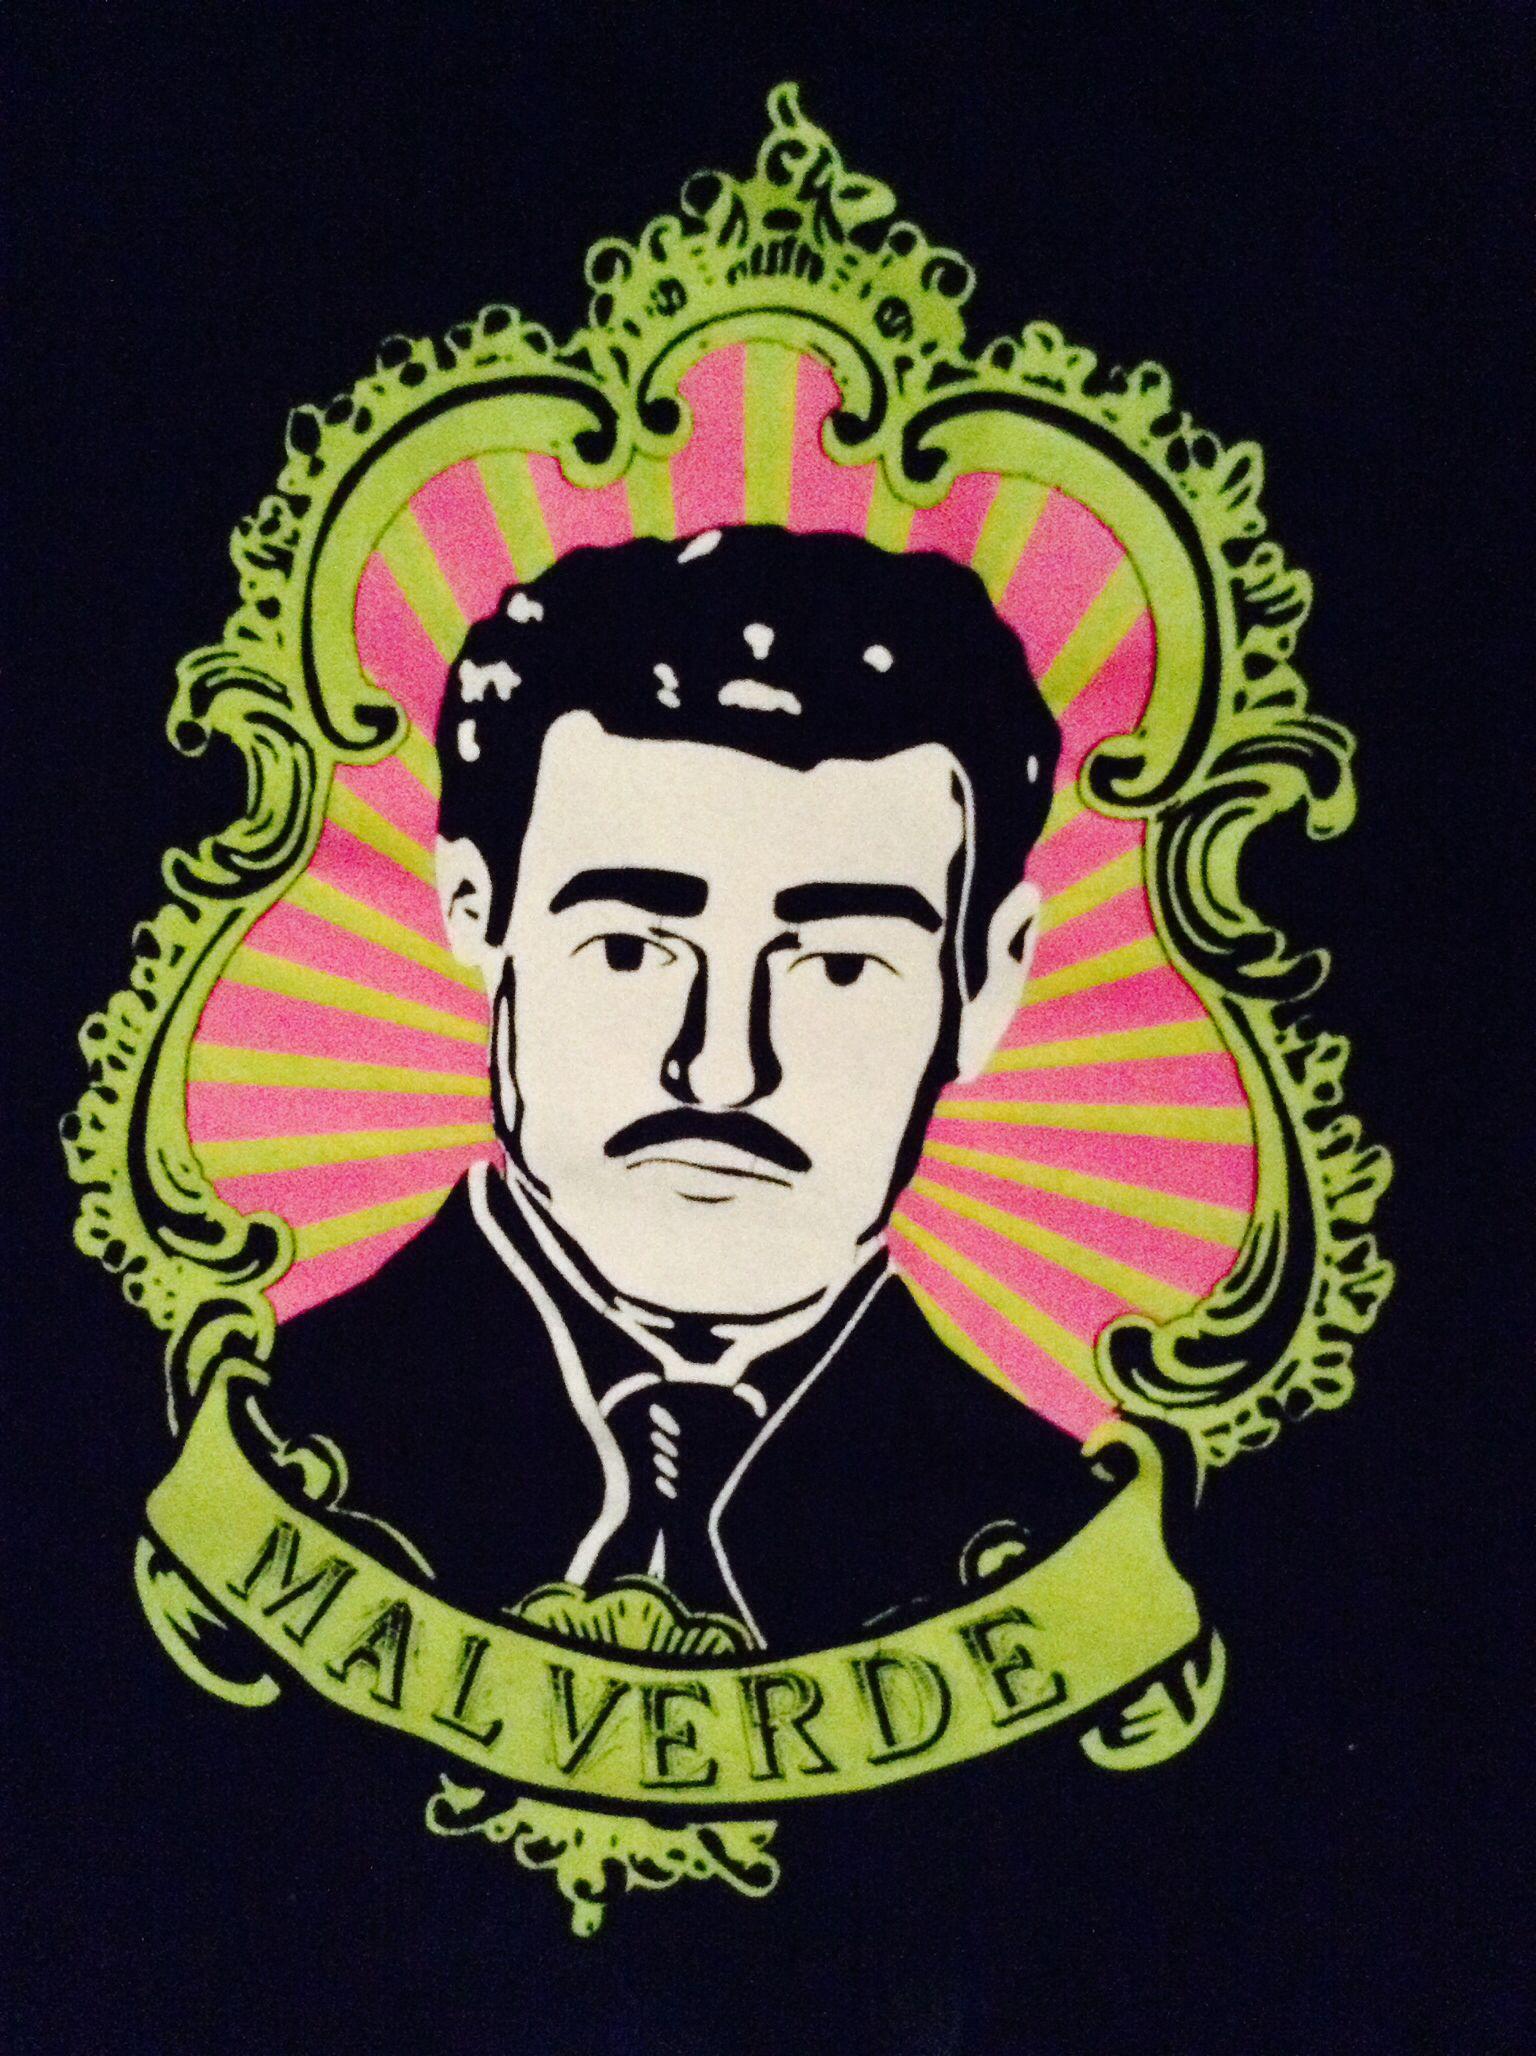 1536x2056 Malverde